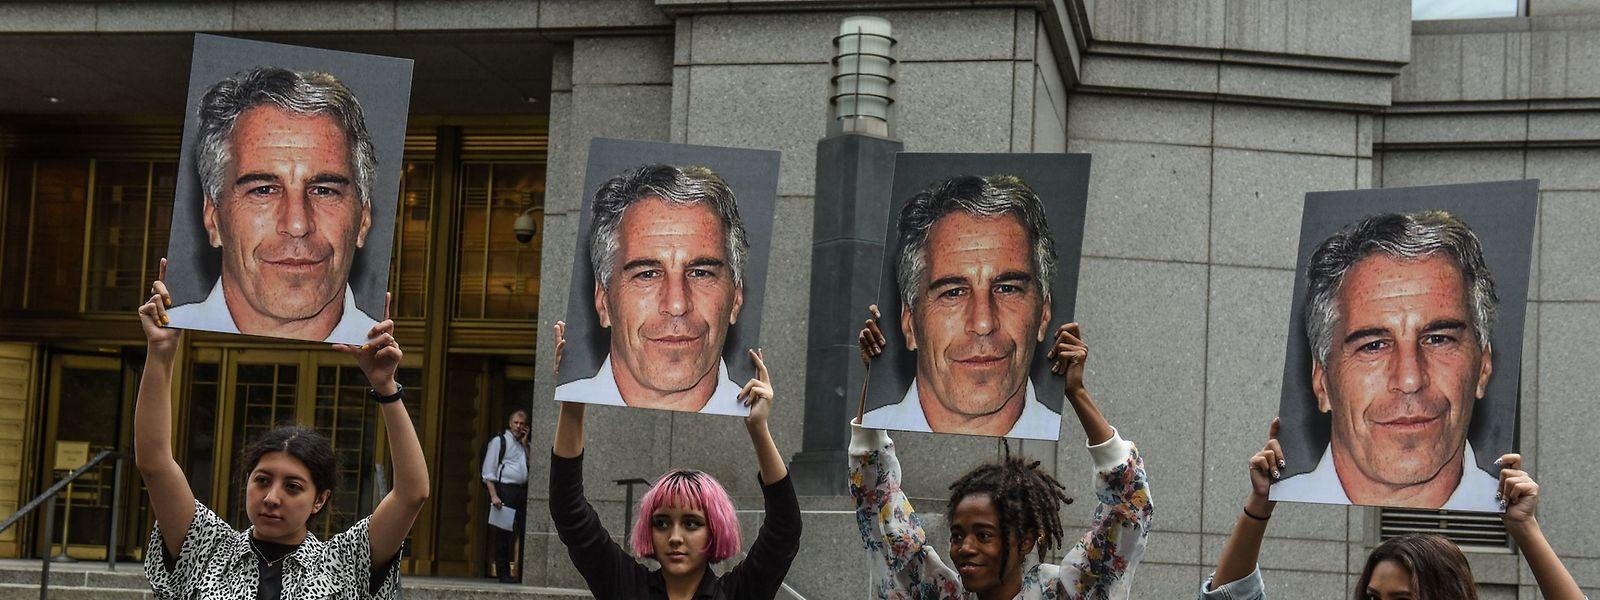 Frauen protestieren im Juli 2019 vor dem Bundesgericht in New York gegen Jeffrey Epstein. Der US-Millionär starb im August 2019 in Haft, offenbar durch Suizid.